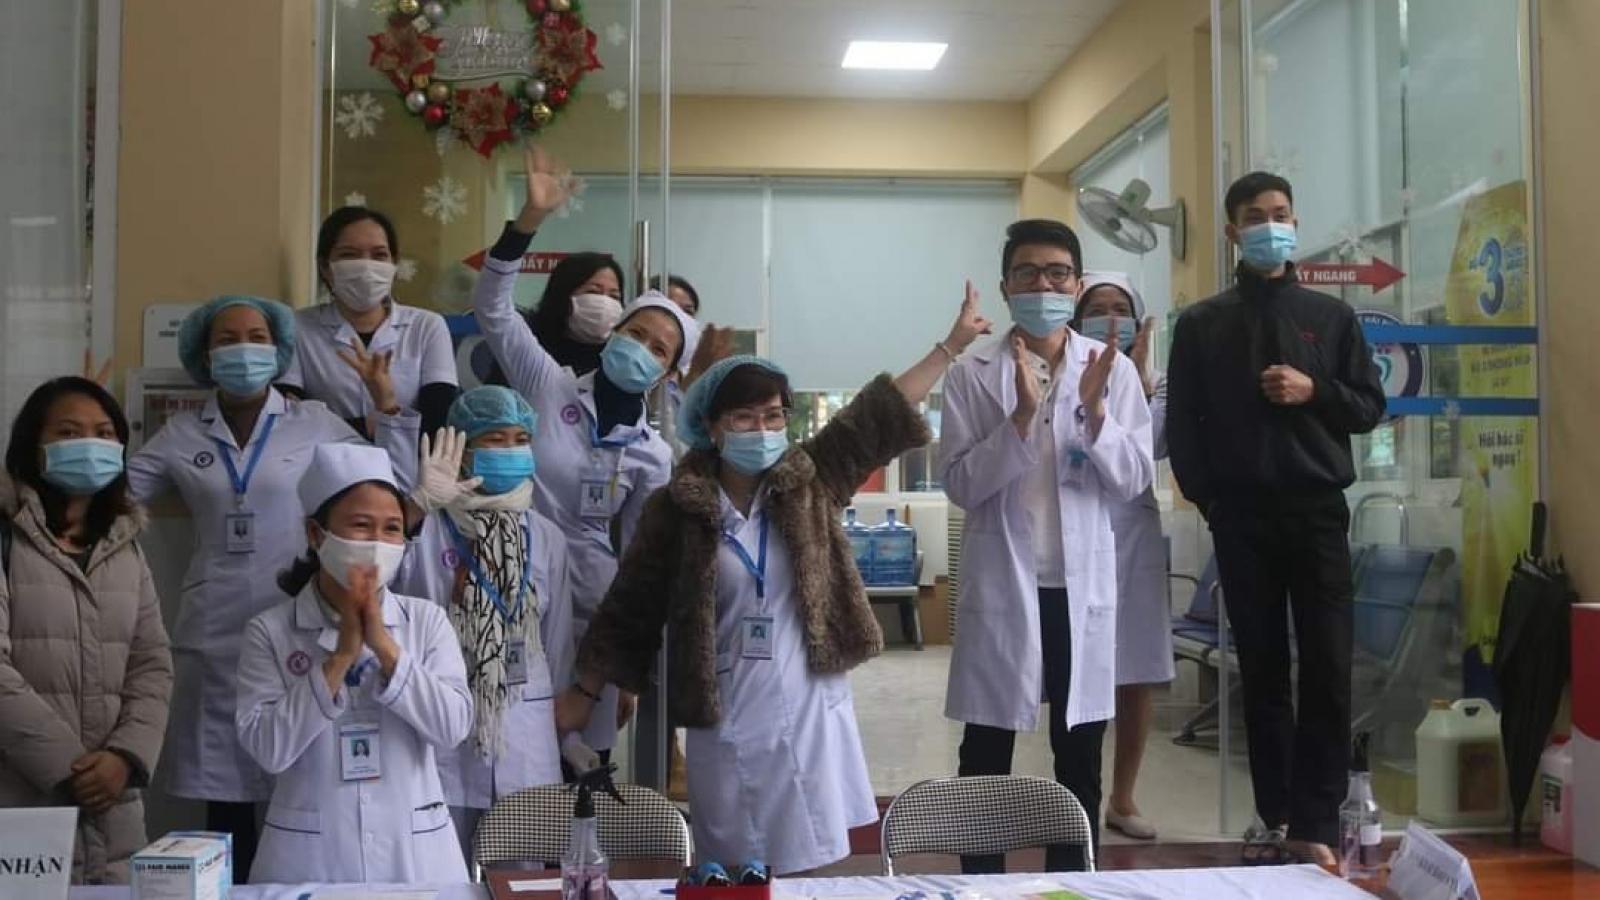 Dỡ bỏ phong tỏa Bệnh việnTrẻ em và Bệnh việnPhụ sản Hải Phòng